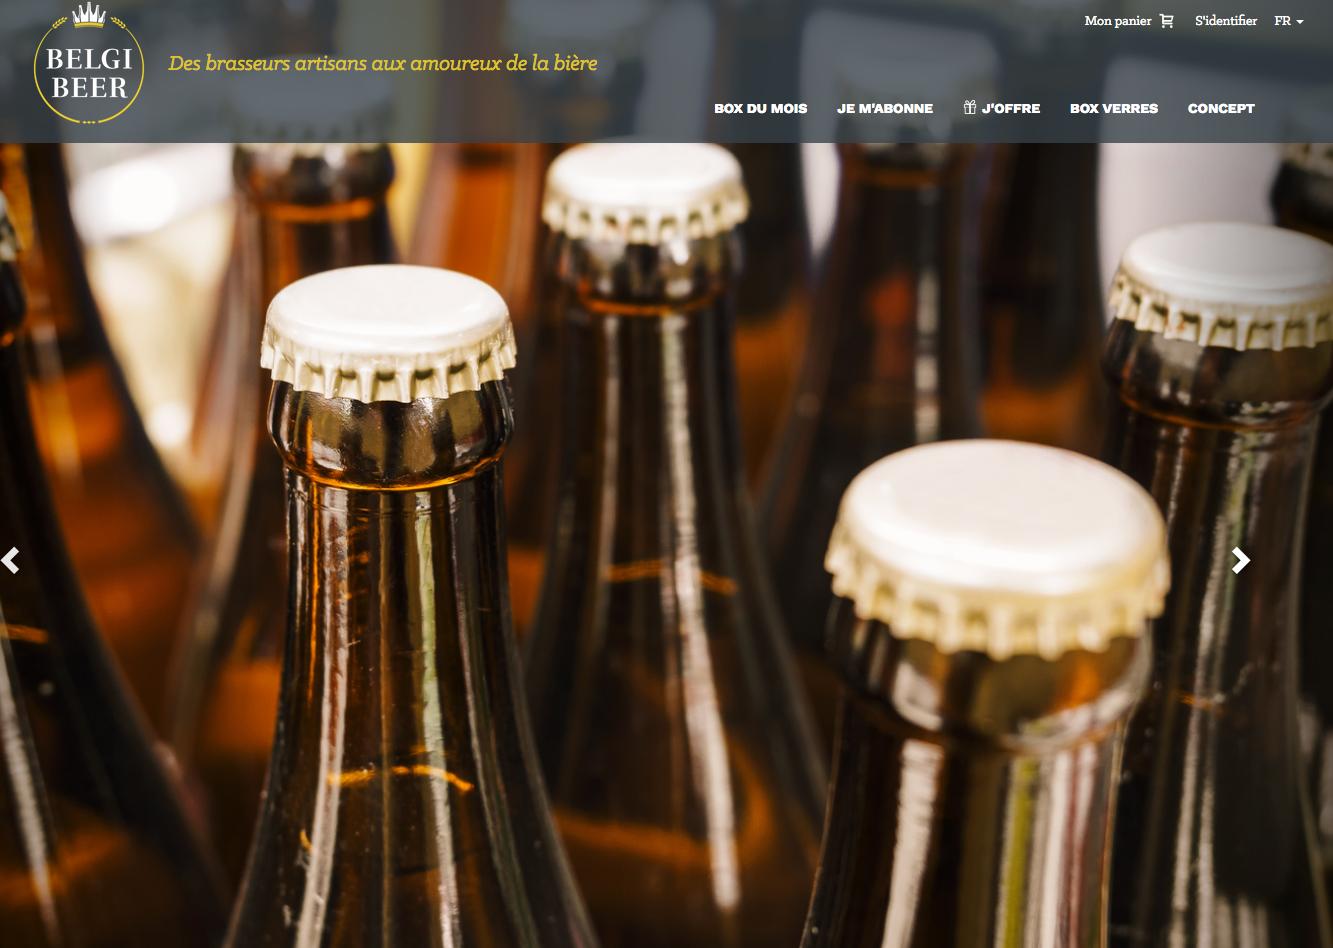 Belgibeer : Box de bières artisanales belges